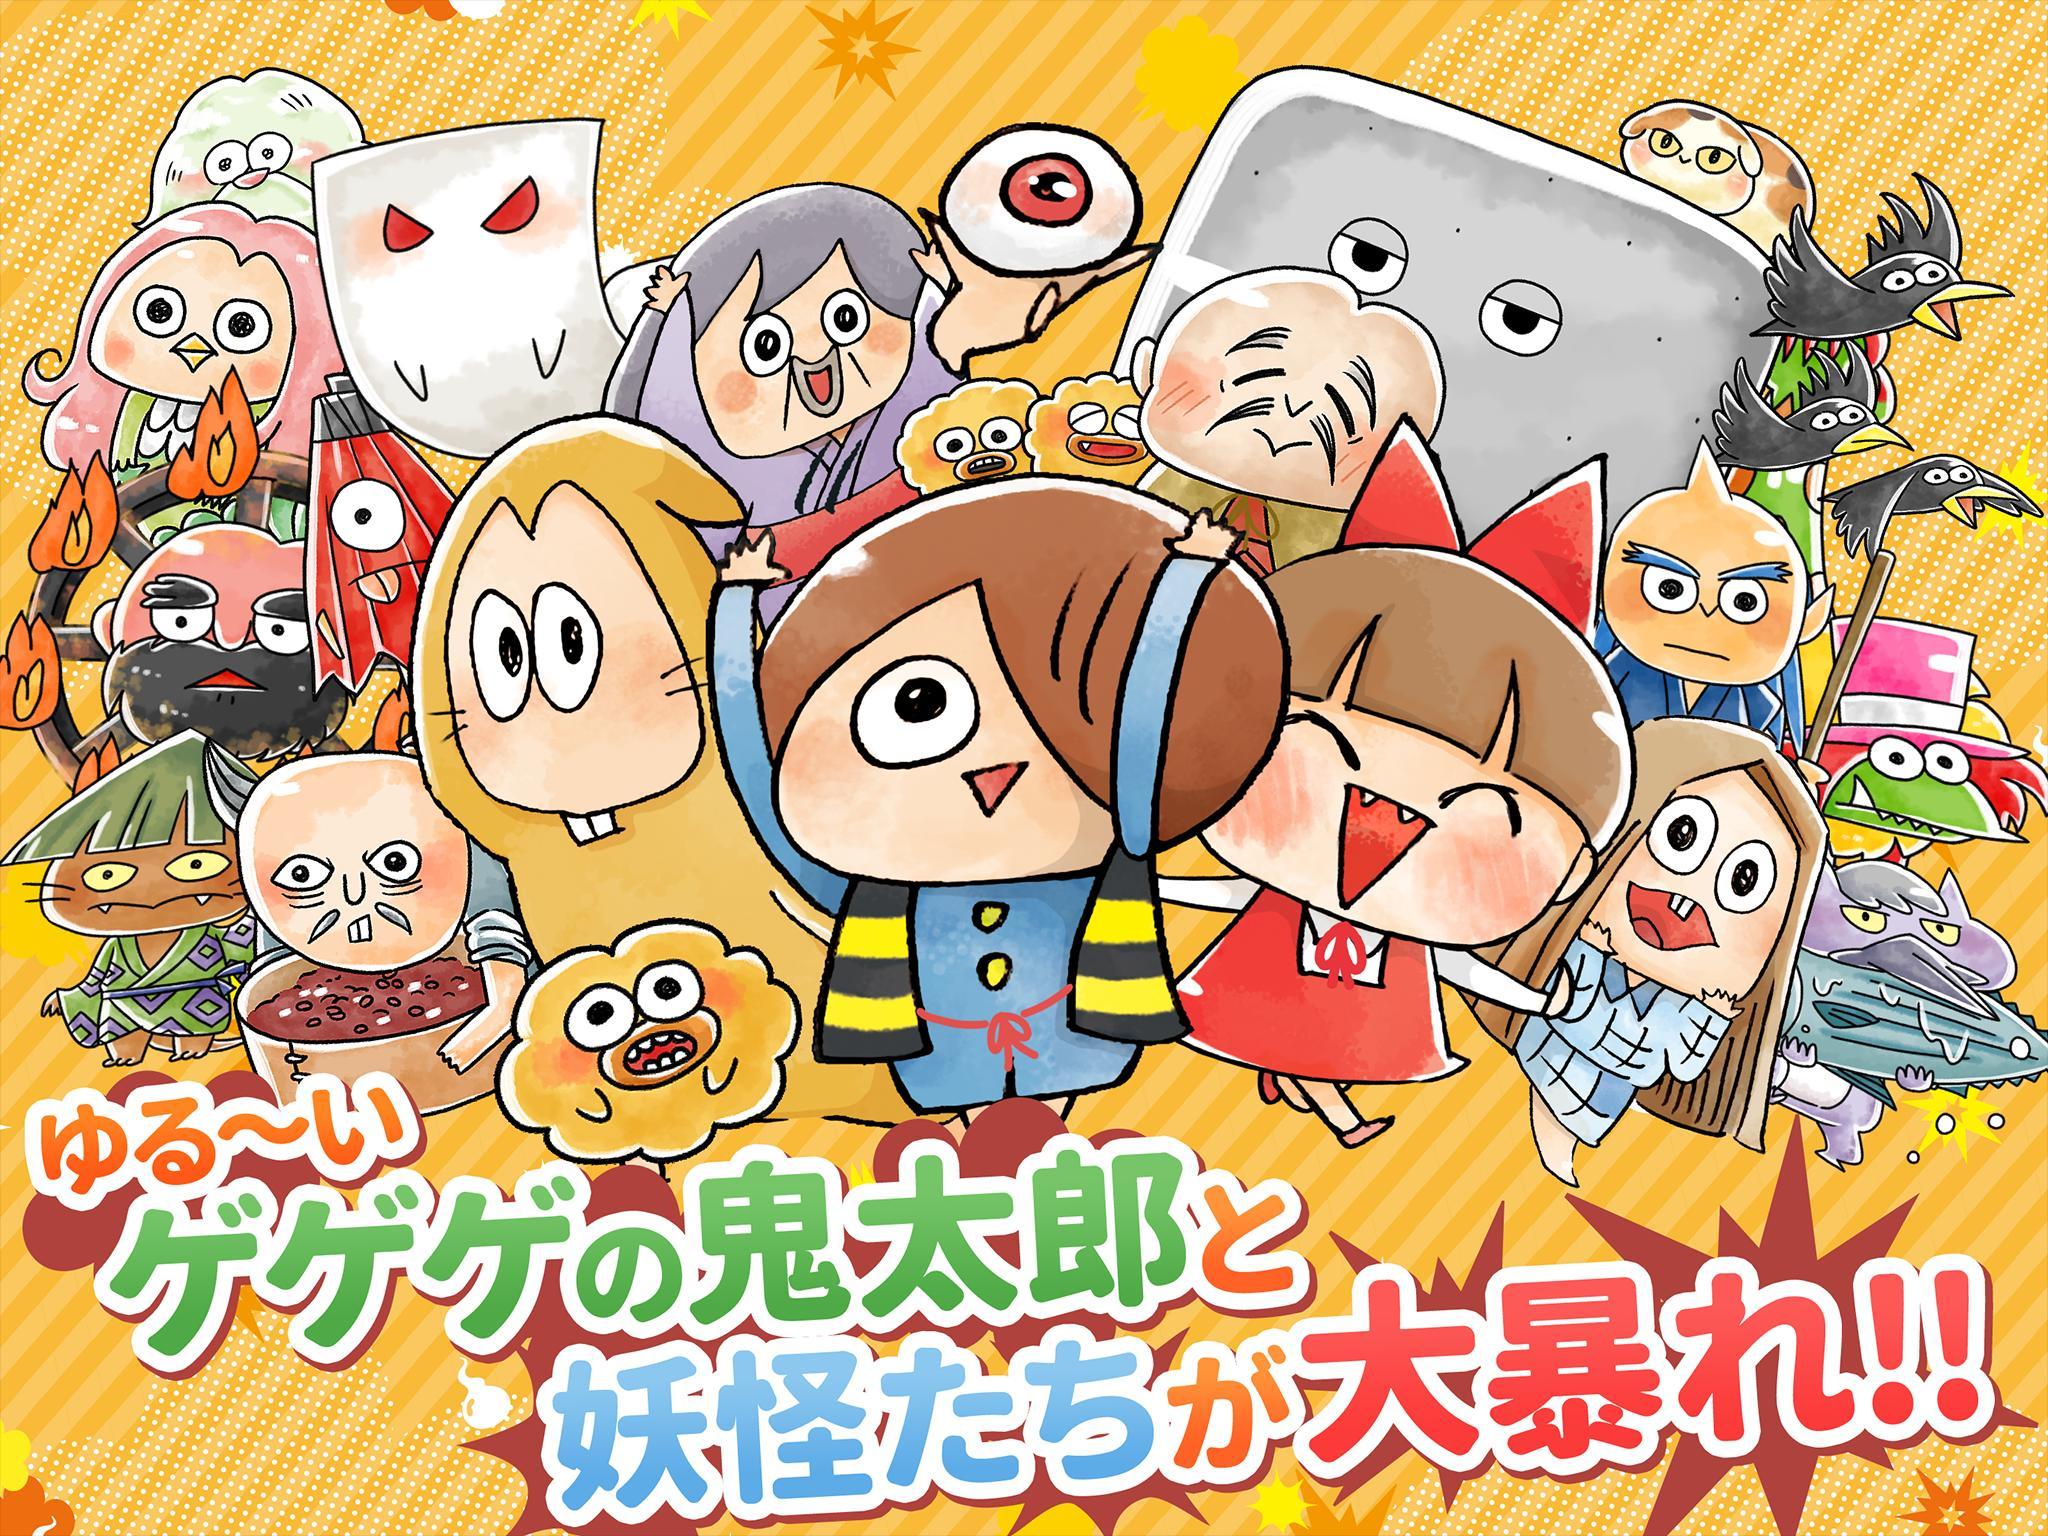 ゆる いゲゲゲの鬼太郎 妖怪ドタバタ大戦争 For Android Apk Download